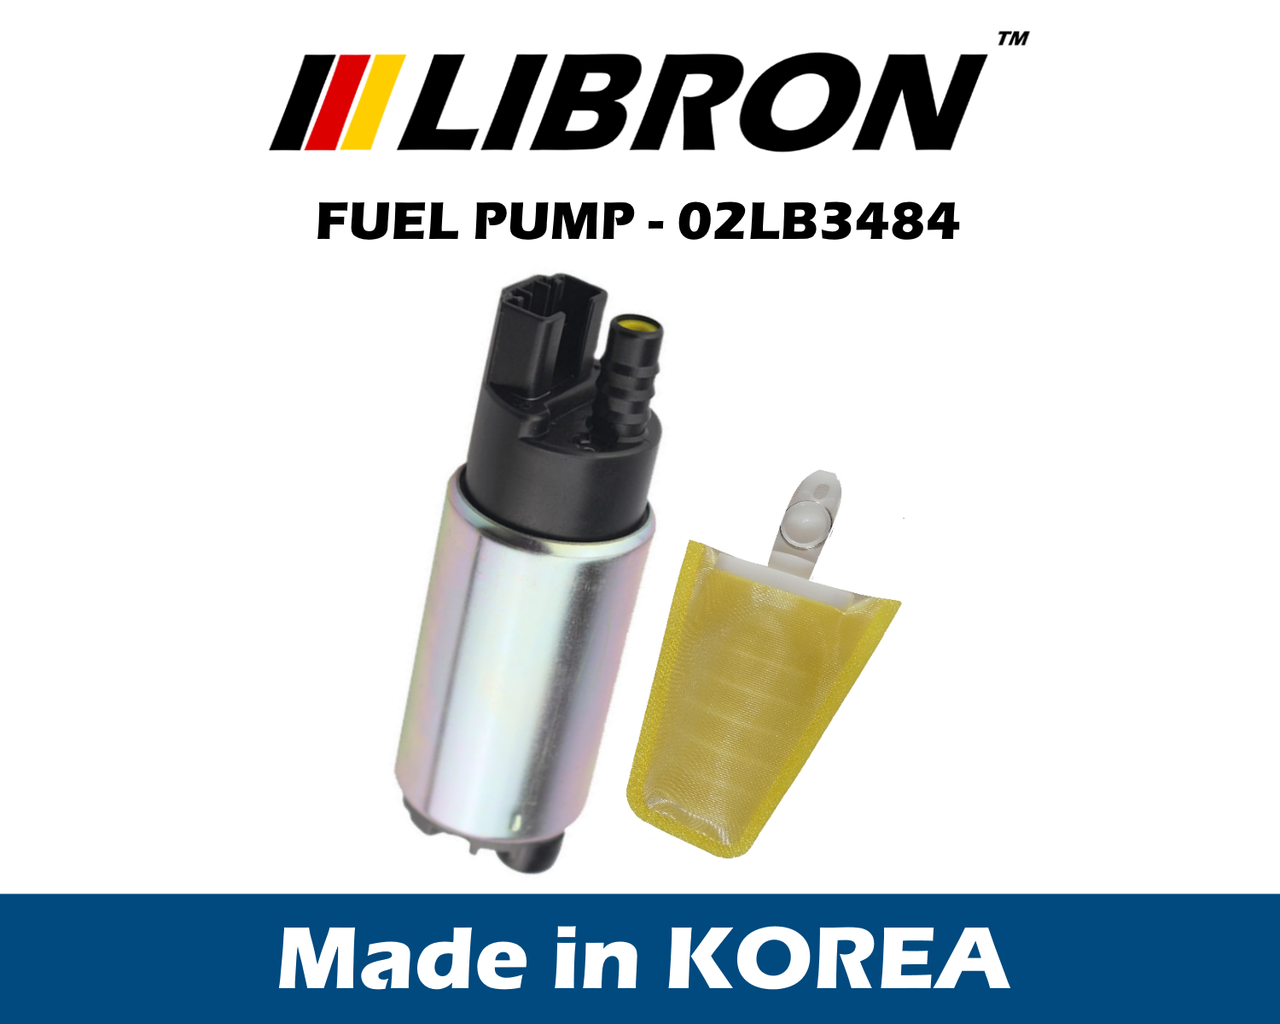 Топливный насос LIBRON 02LB3484 - Хюндай Лантра Хендай II